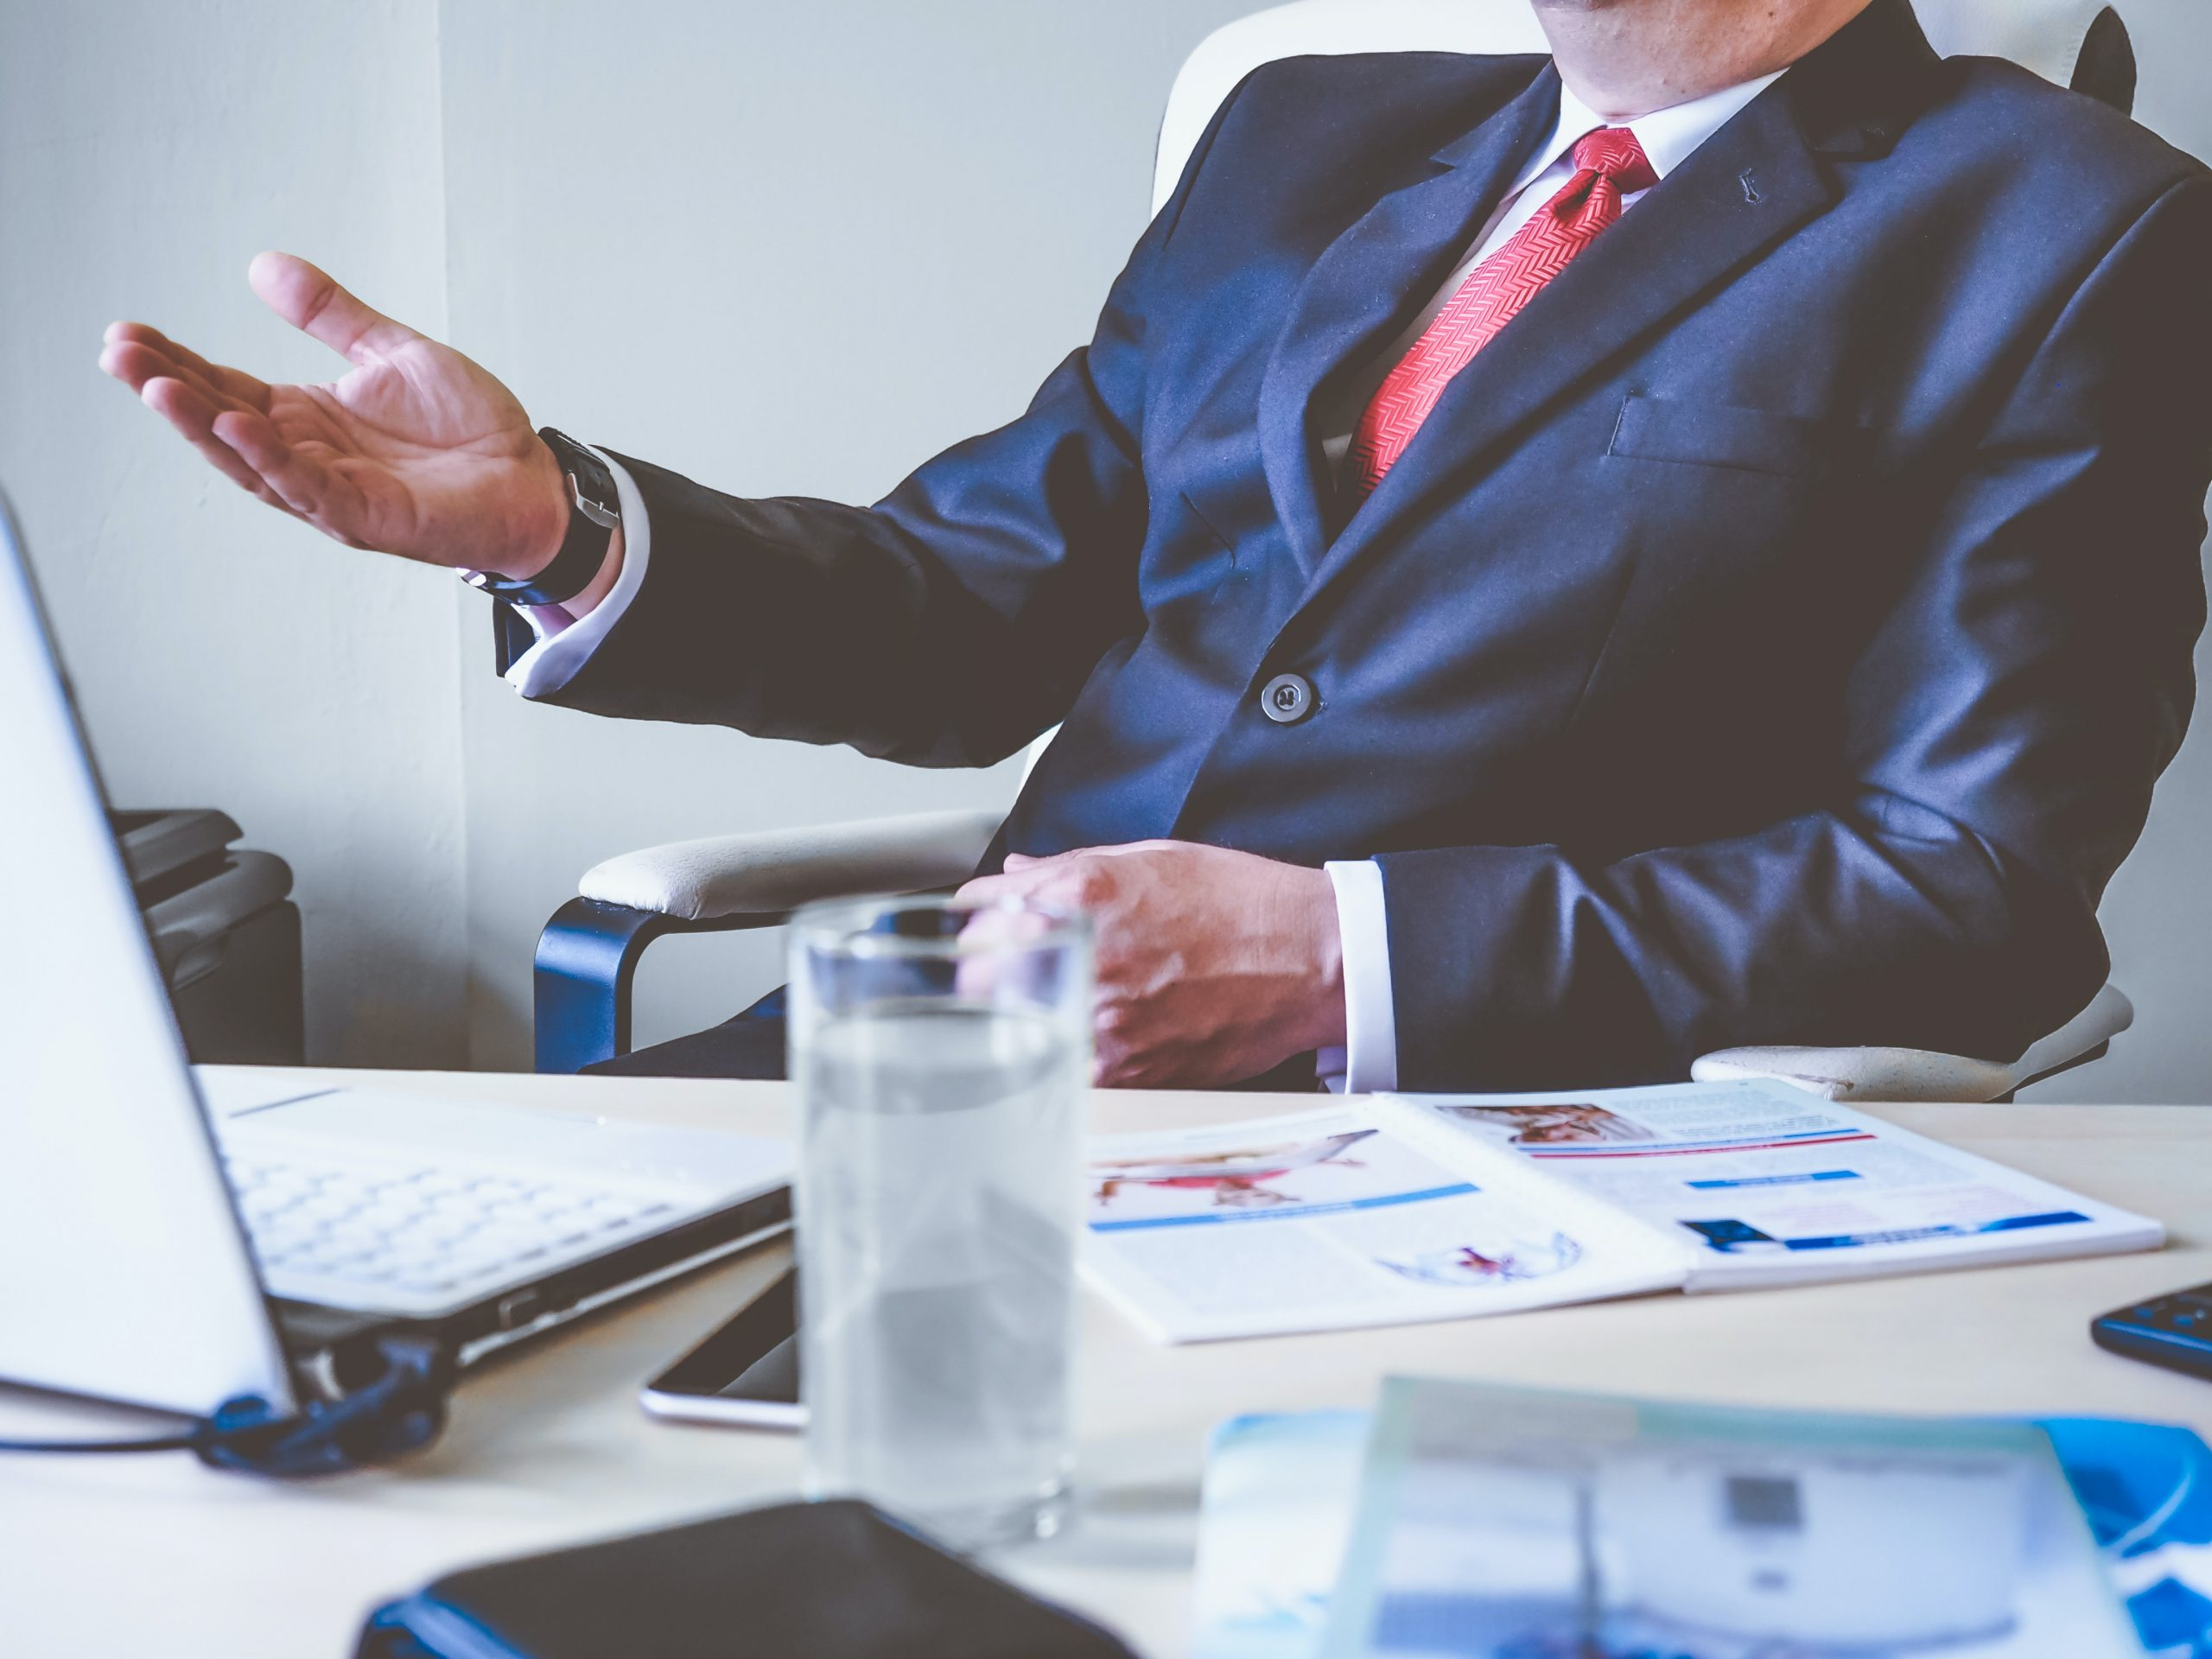 Cum să începi o afacere de comerț electronic și să devii propriul tău șef în 2021?